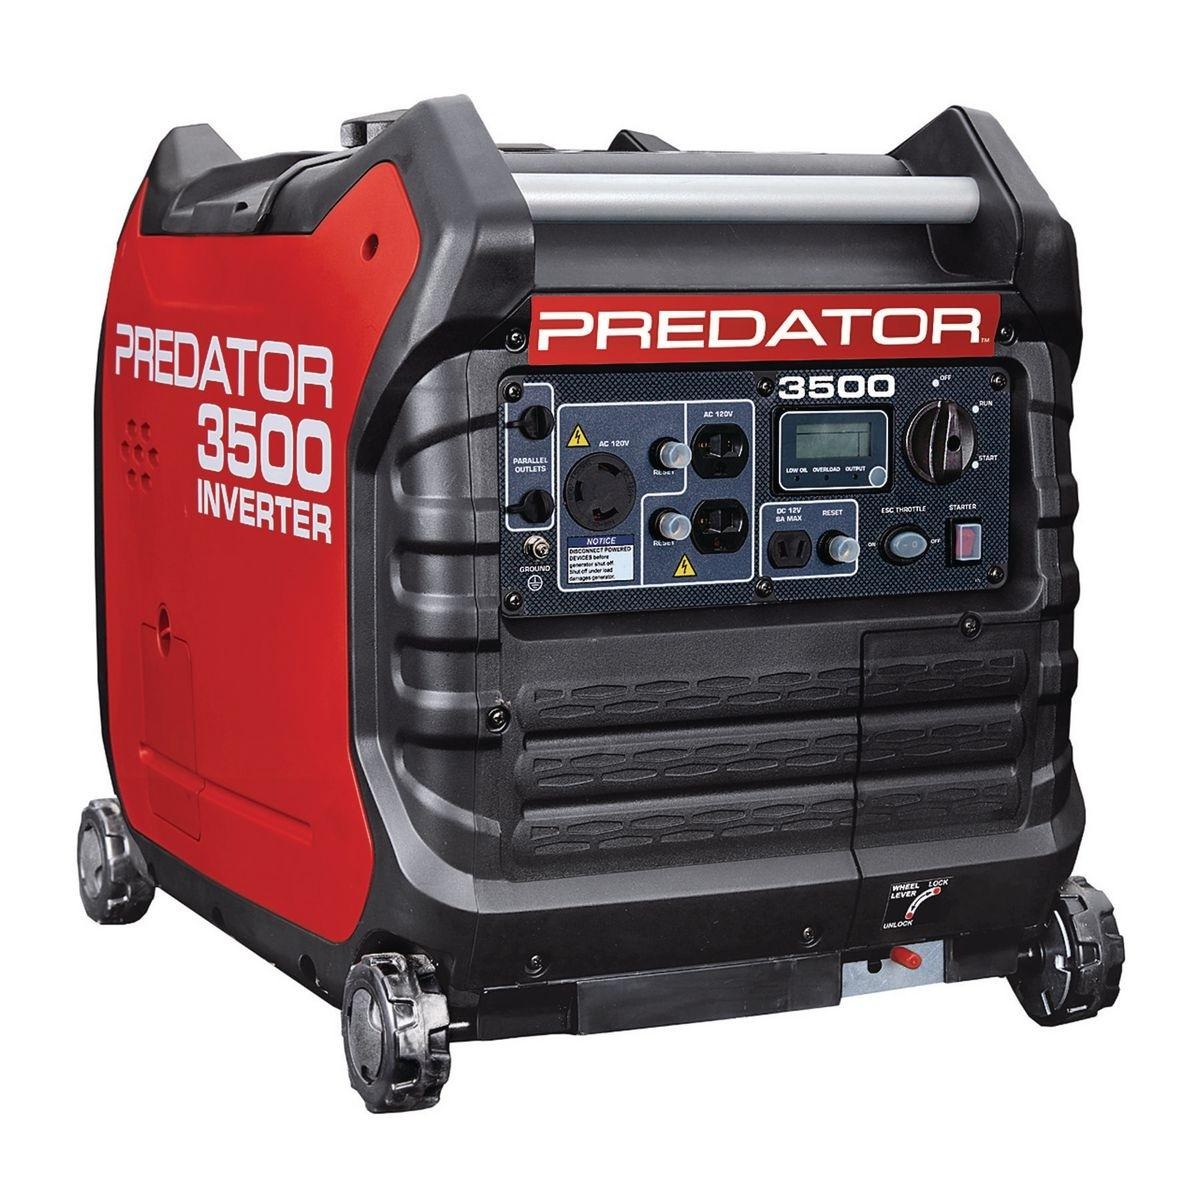 Harbor Freight Predator 3500 Watt Super Quiet Inverter Generator - $679.99 After Coupon